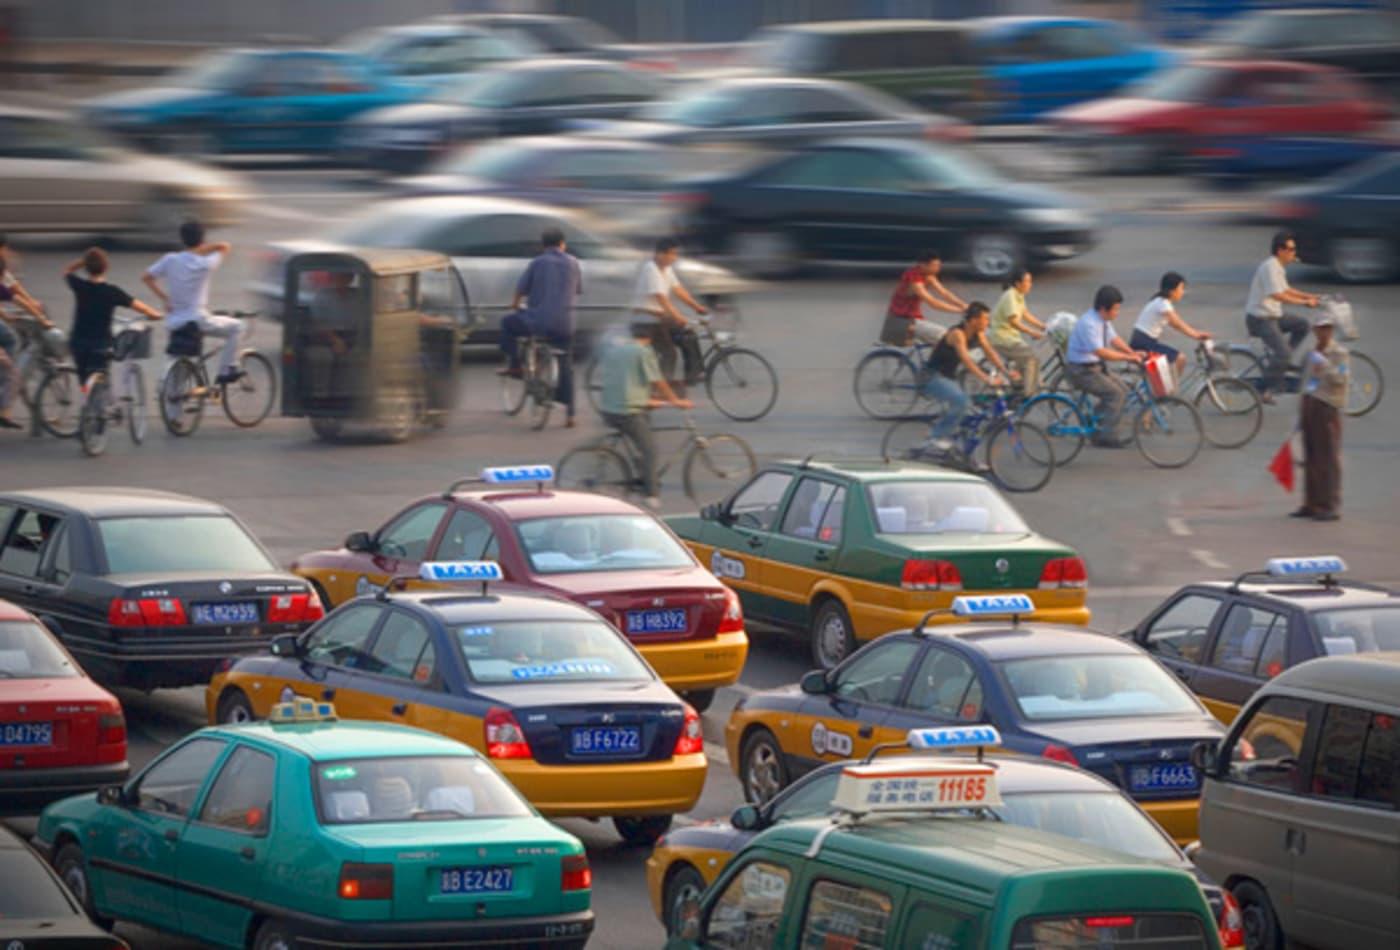 week-in-review-041312-china-growing-stalling.jpg